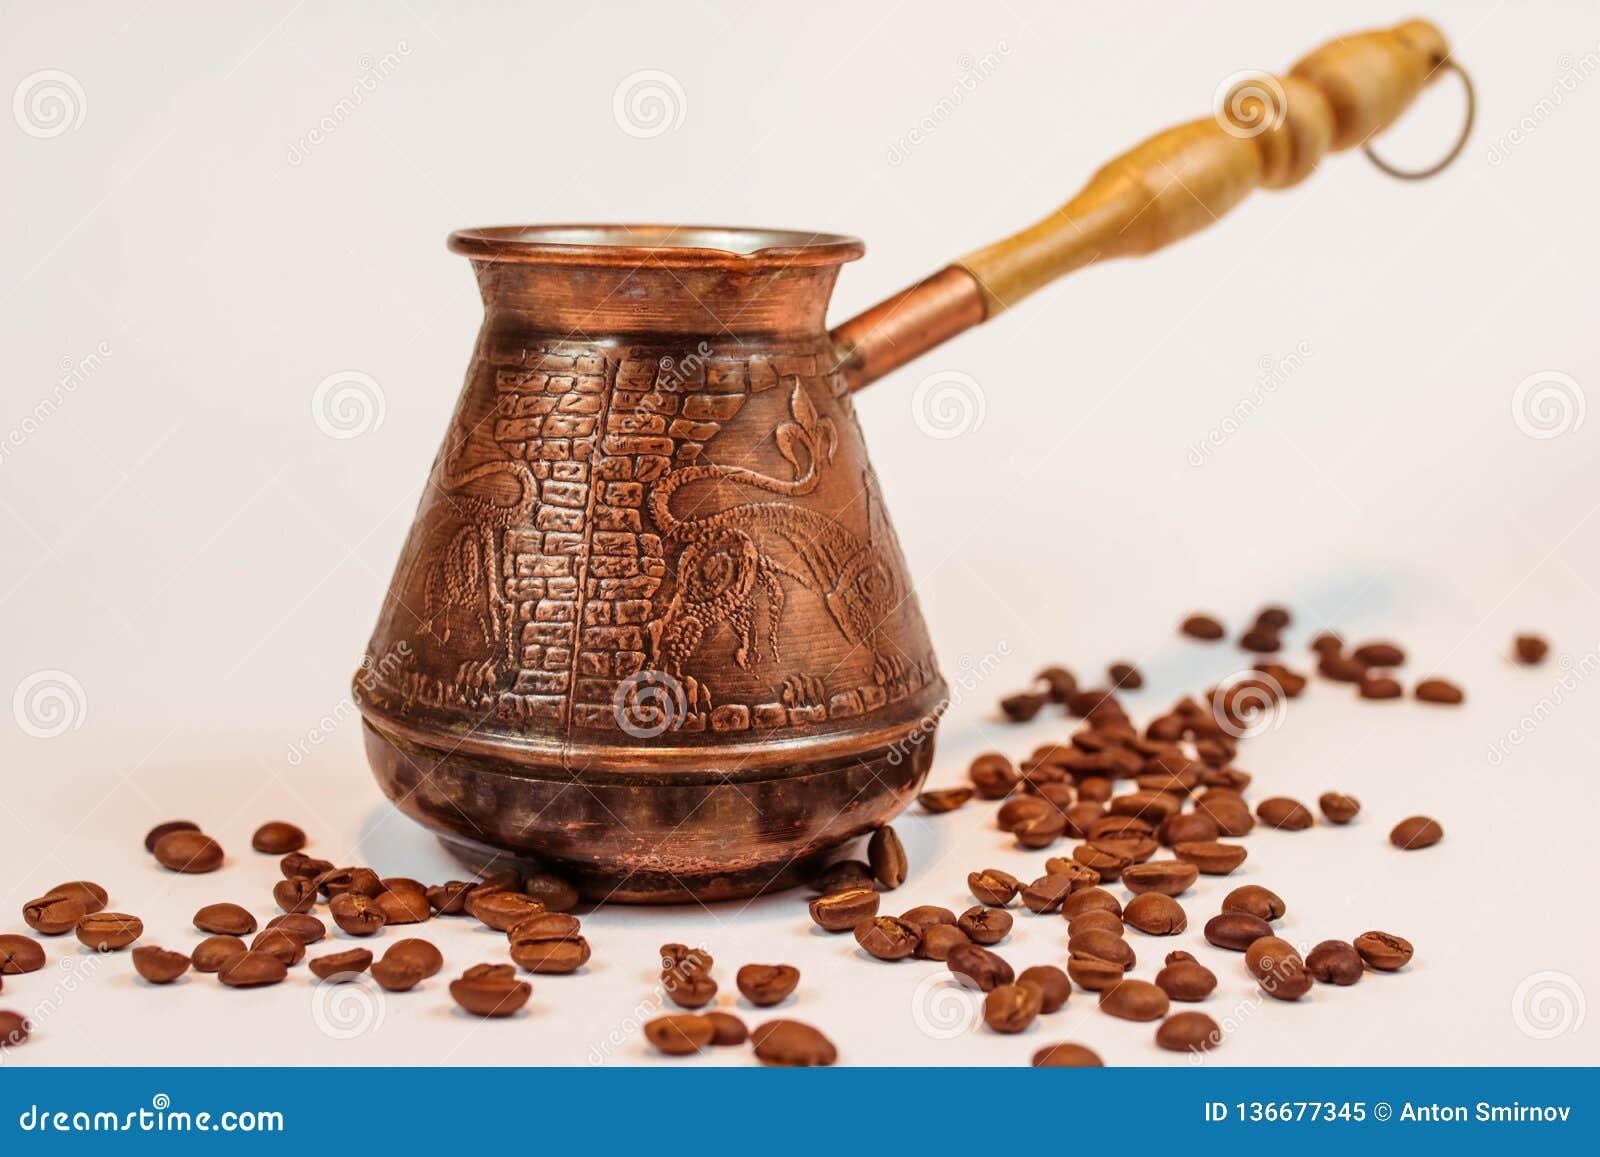 Turco o cezve de bronce del coffe en el fondo blanco